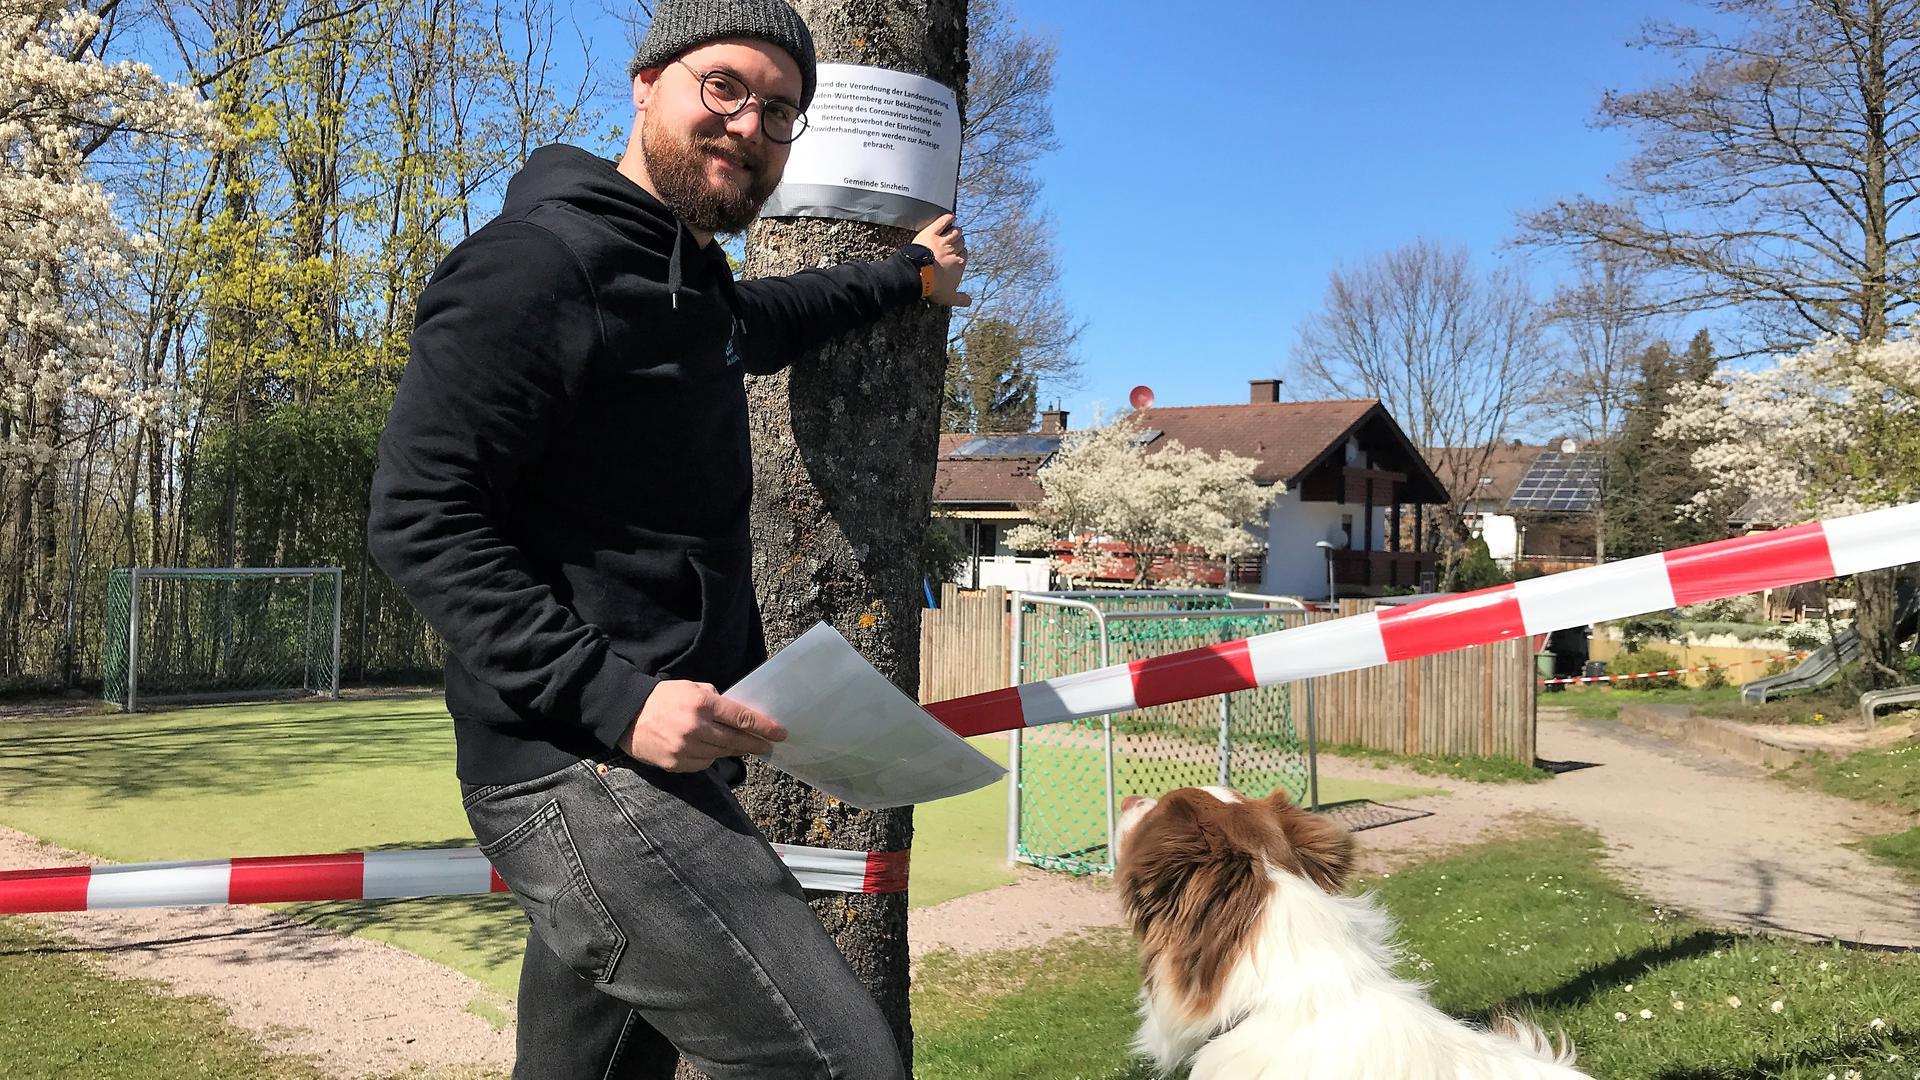 Zusammen mit seinem Hund Lino macht Sozialarbeiter Benedikt Huck seine Touren, bei denen er beliebte Treffpunkte kontrolliert.